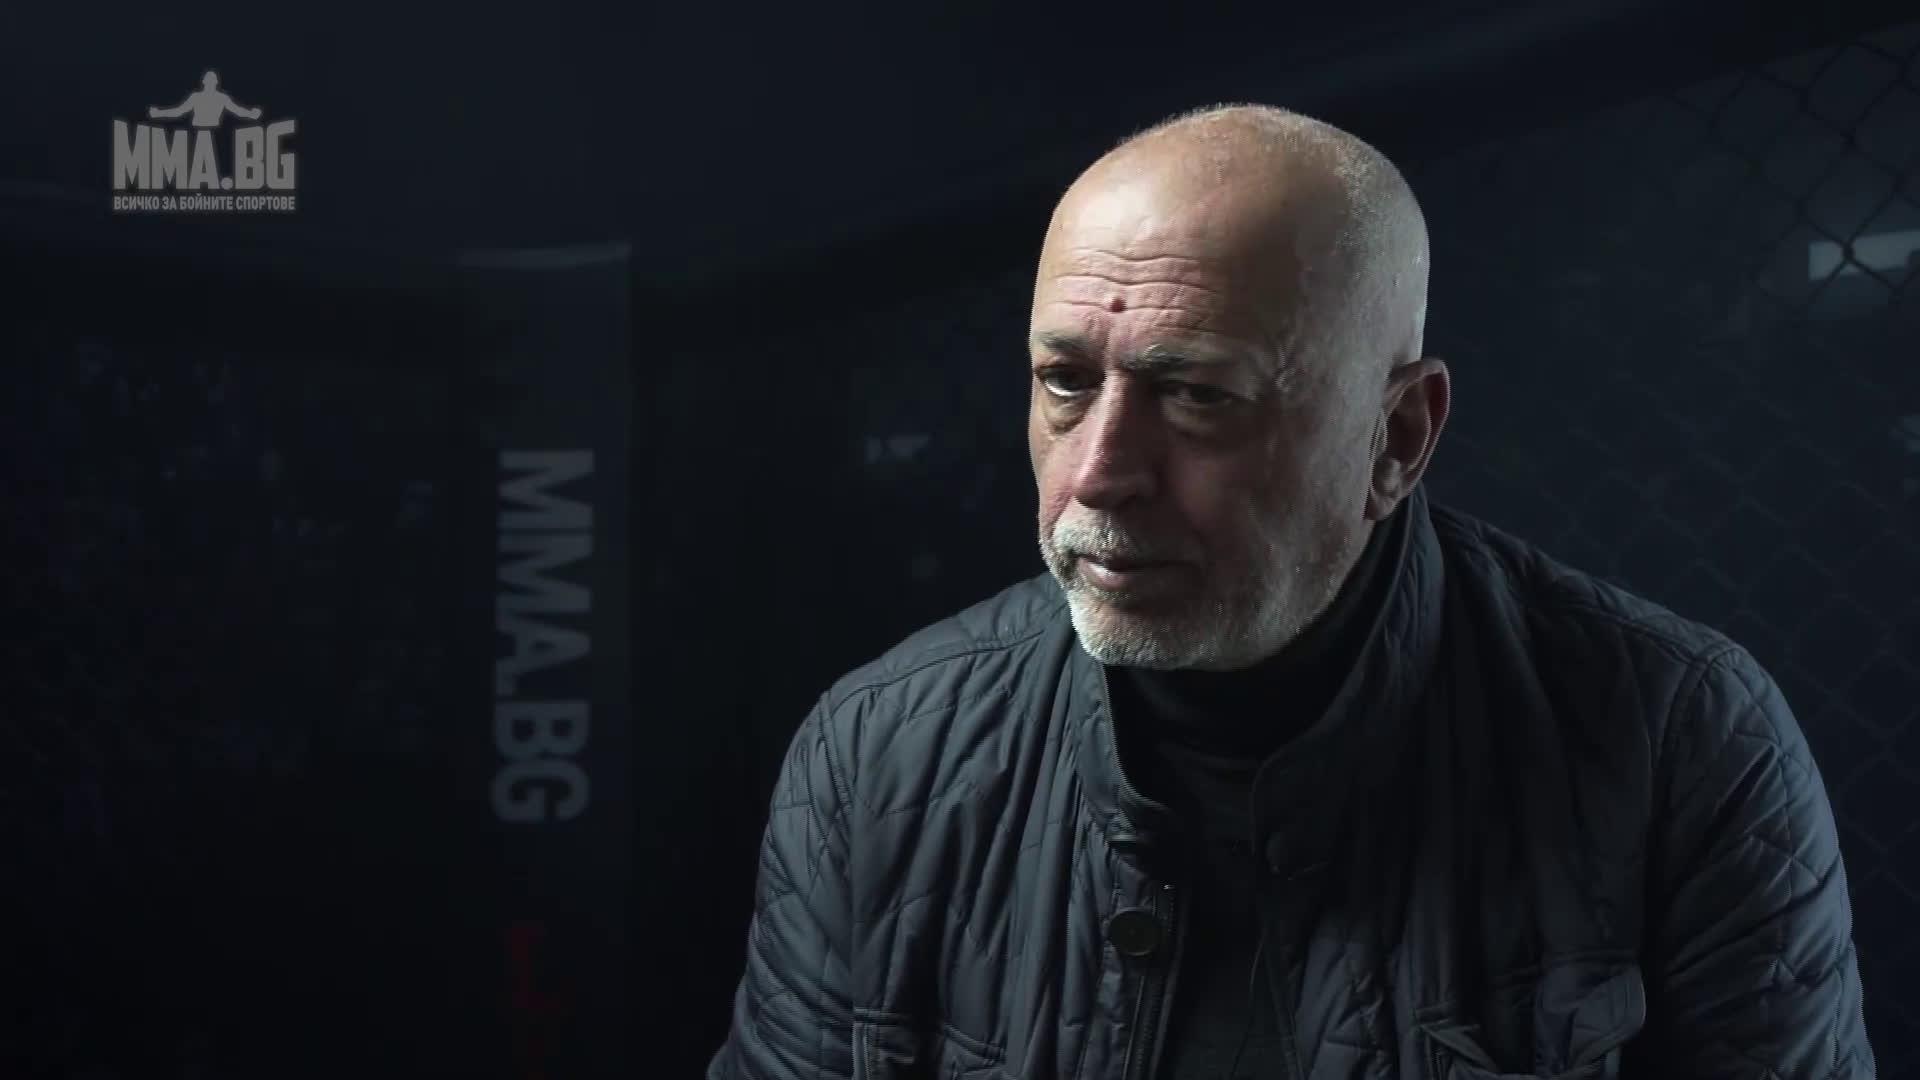 Режисьорът Максим Генчев за филма 'Ботев', българската история... и бъдеще